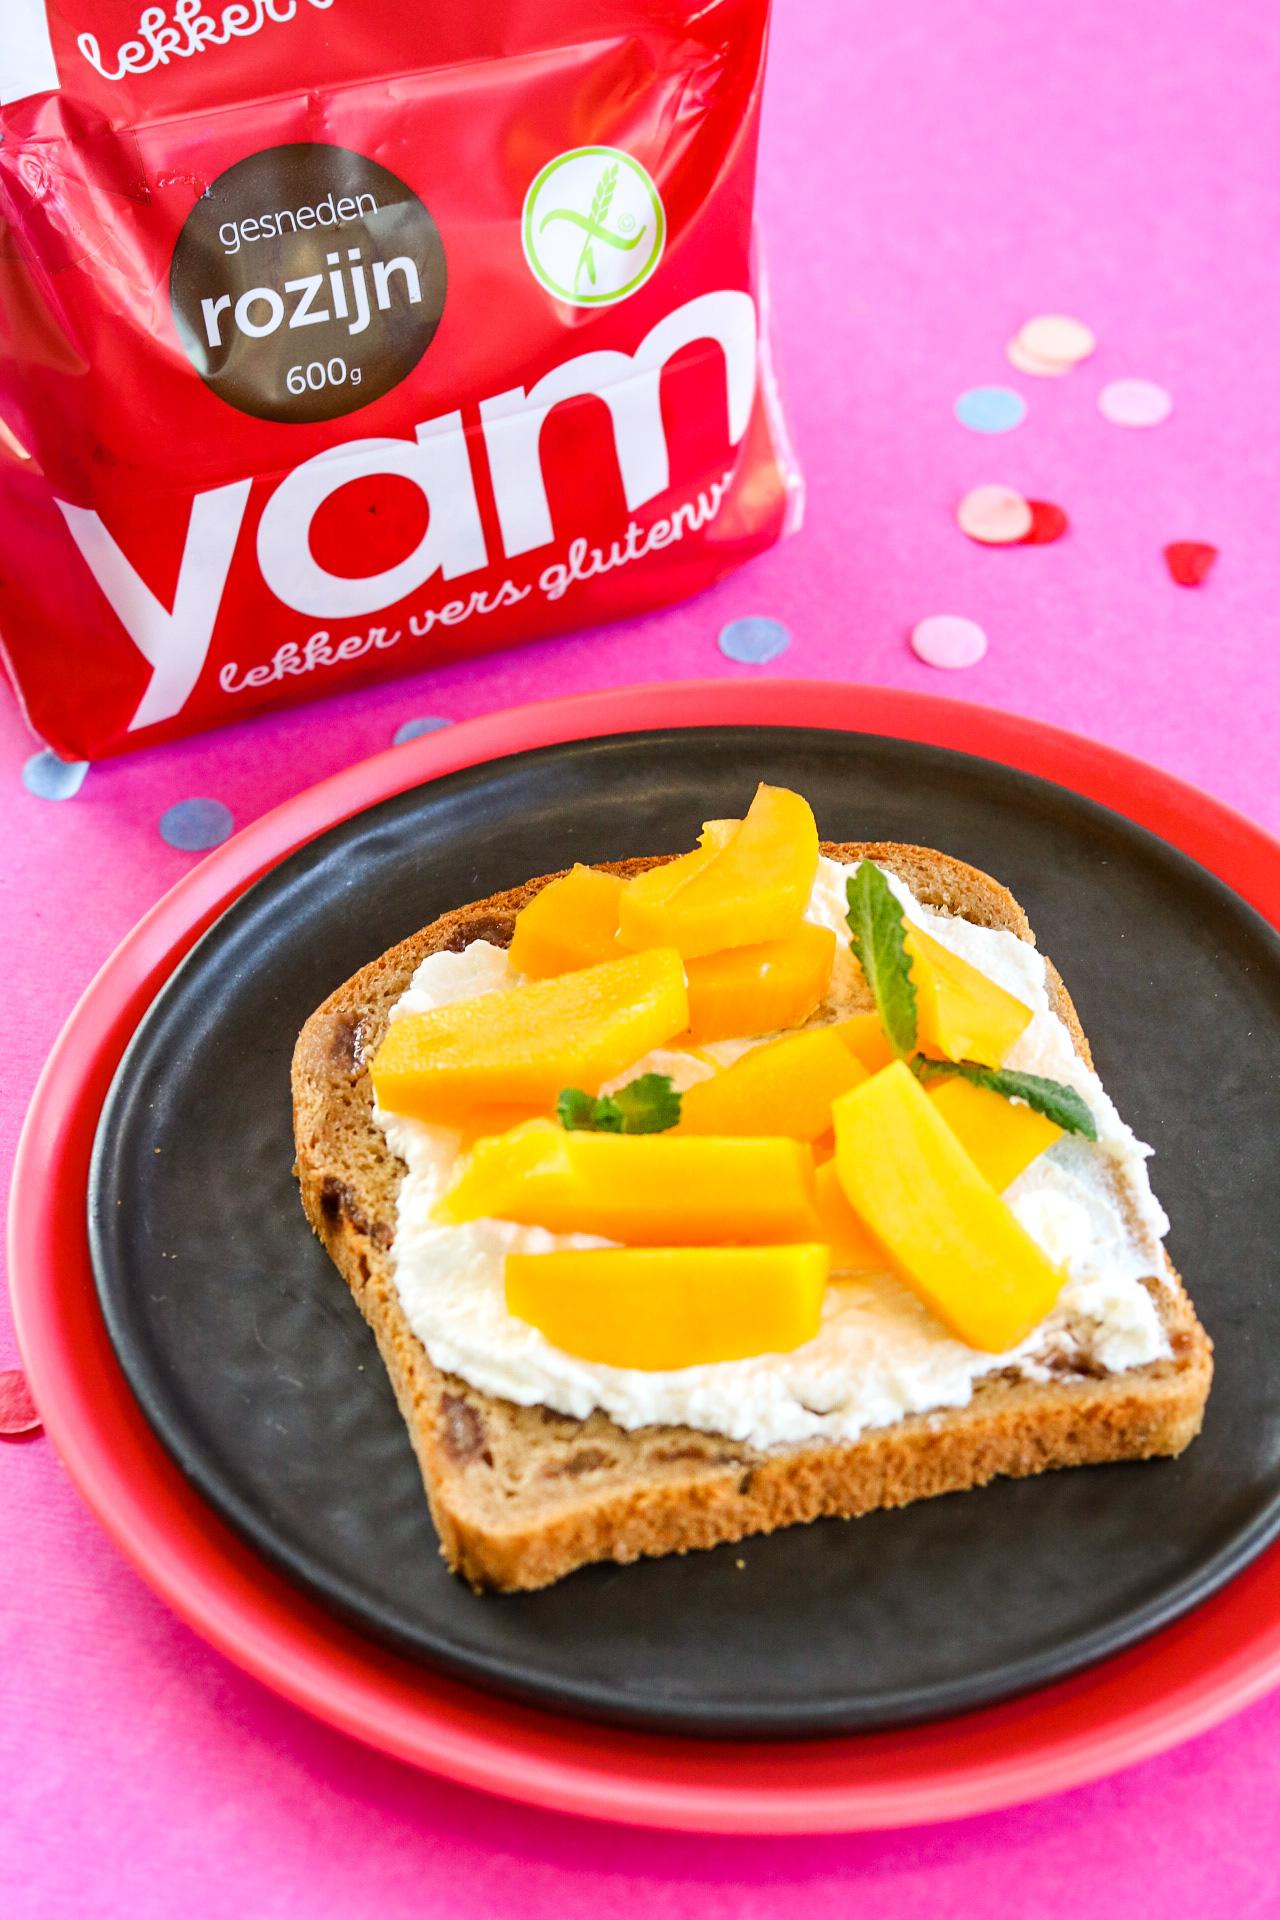 Glutenvrije YAM rozijnenboterham met mango en rictotta